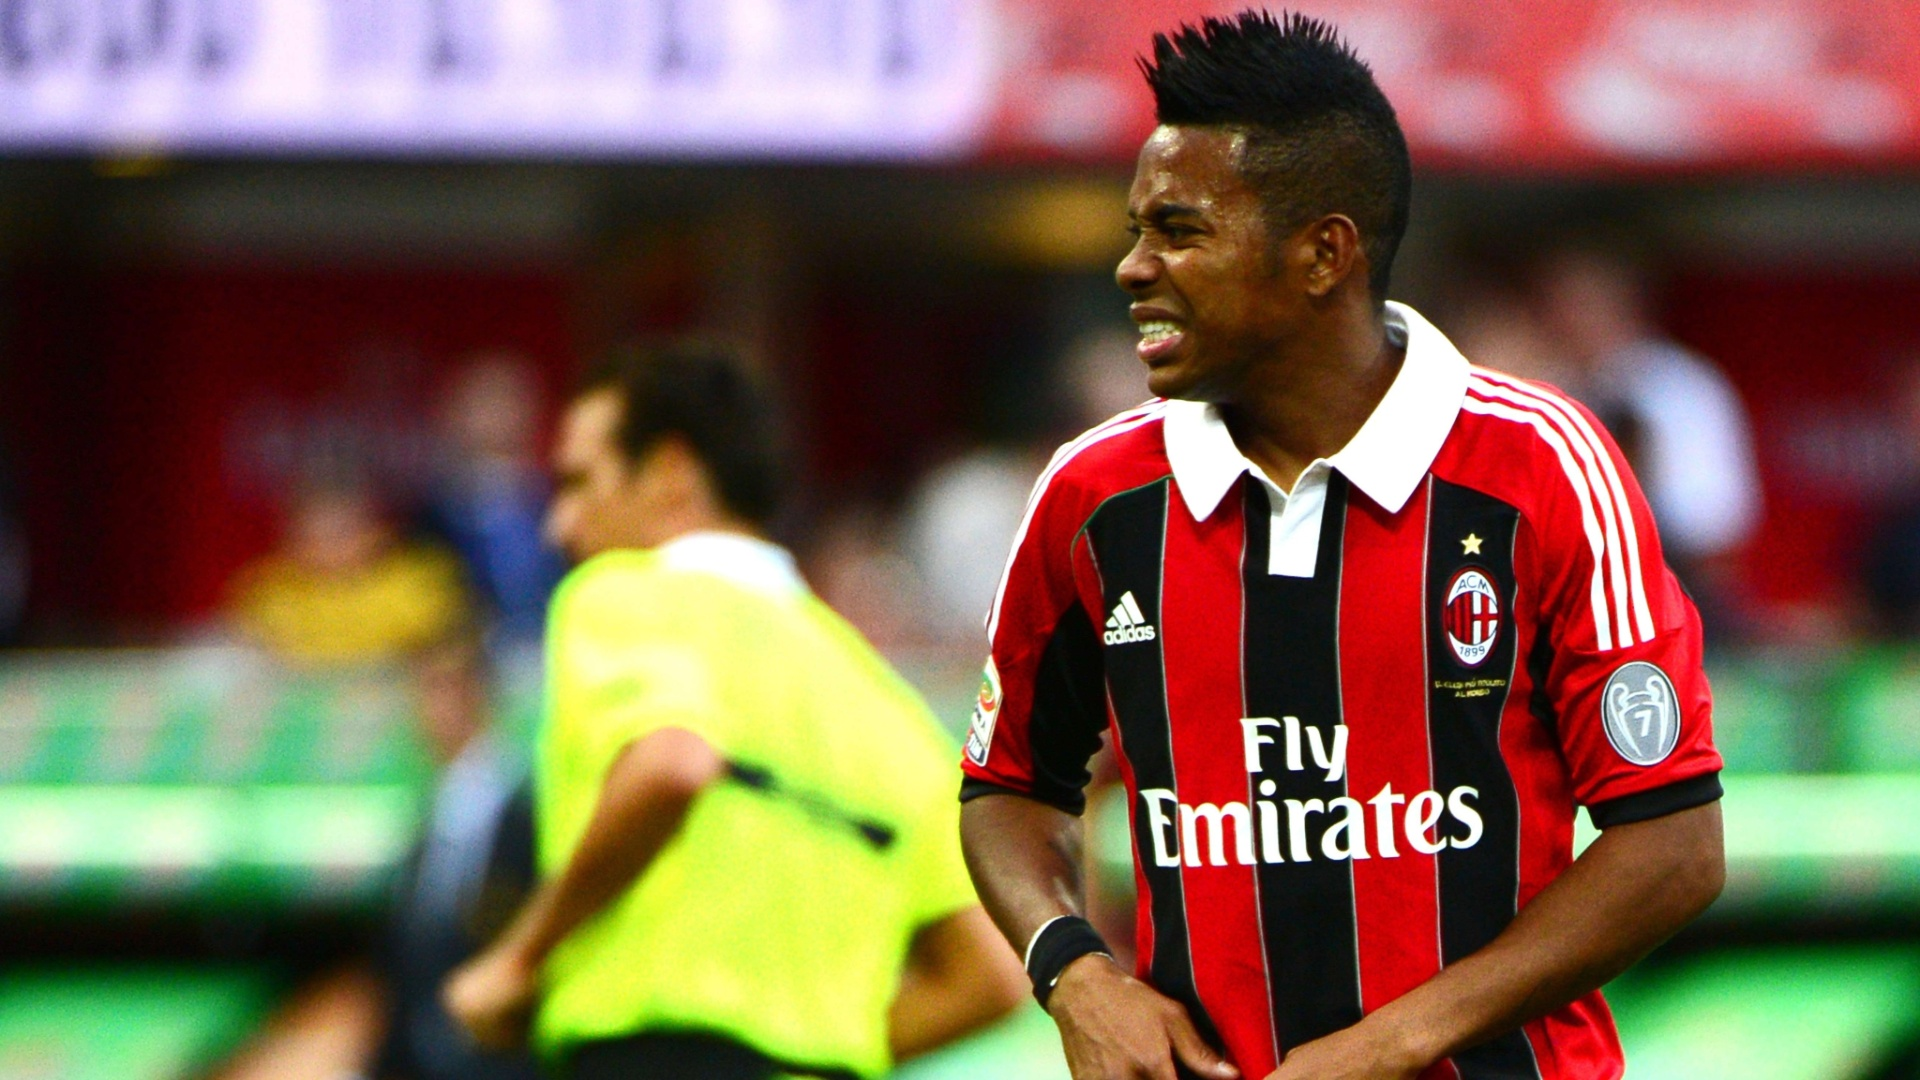 Robinho faz expressão de dor; ele foi substituído com uma lesão muscular durante a partida do Milan contra a Sampdoria